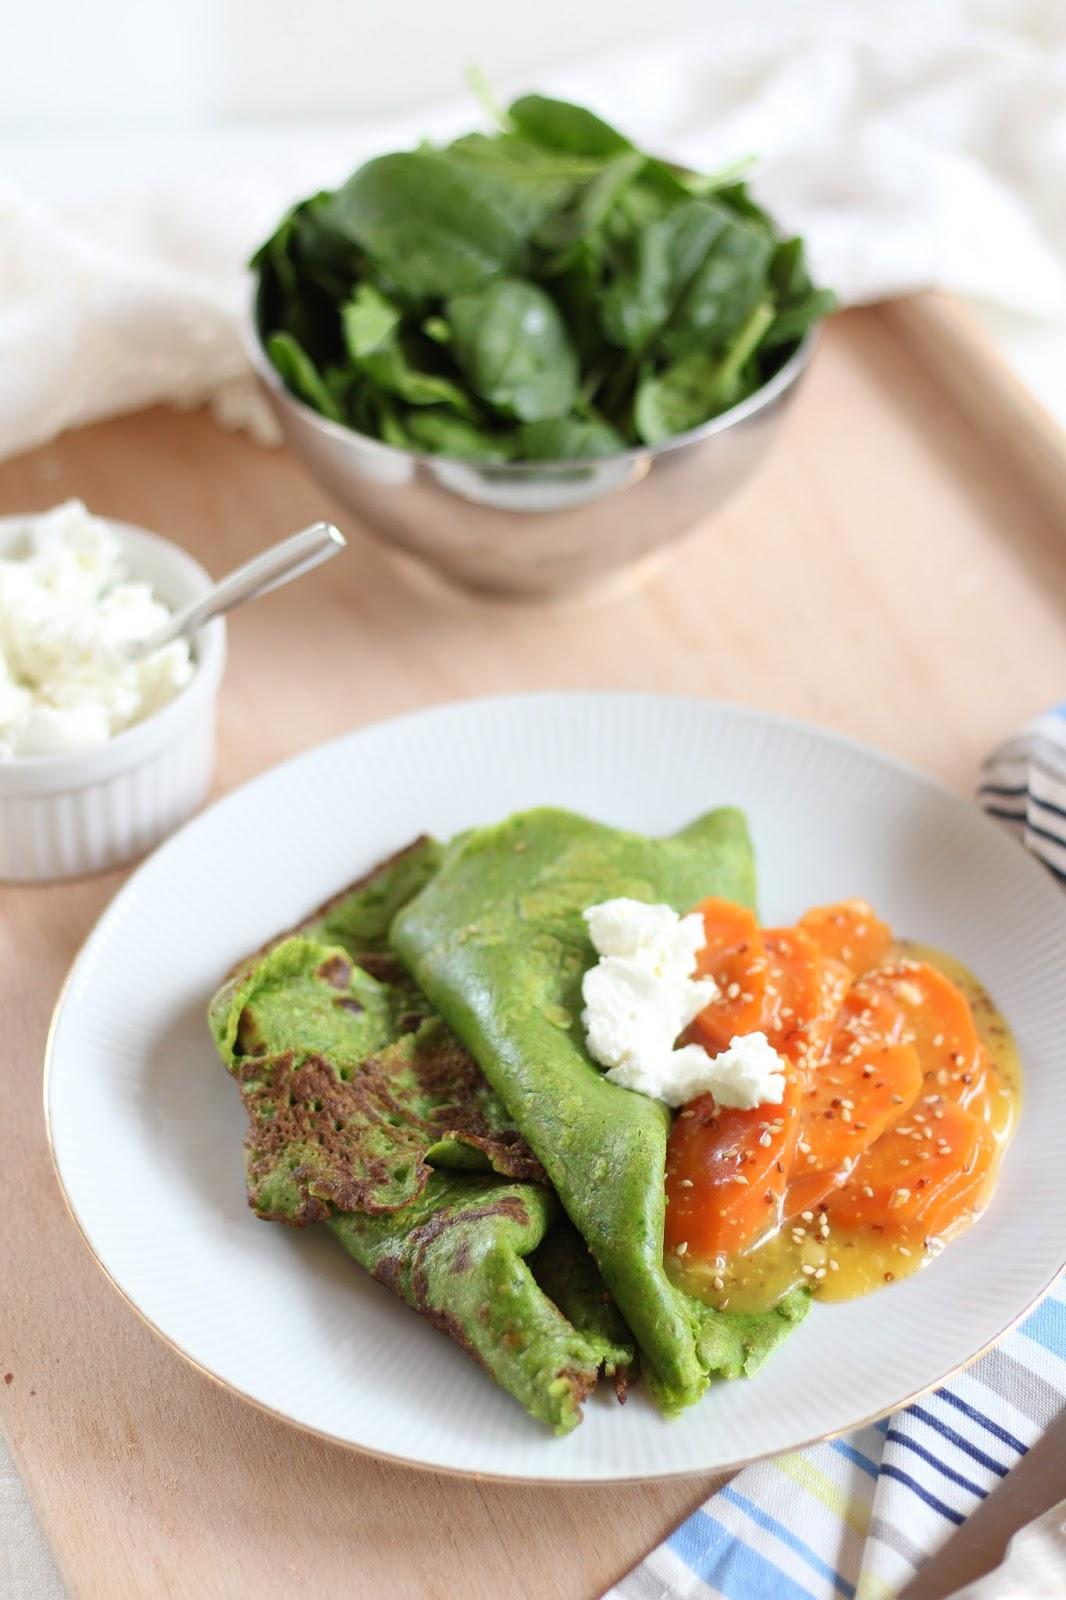 Wochenplan für die : Spinatpfannkuchen mit gedünsteten Möhren